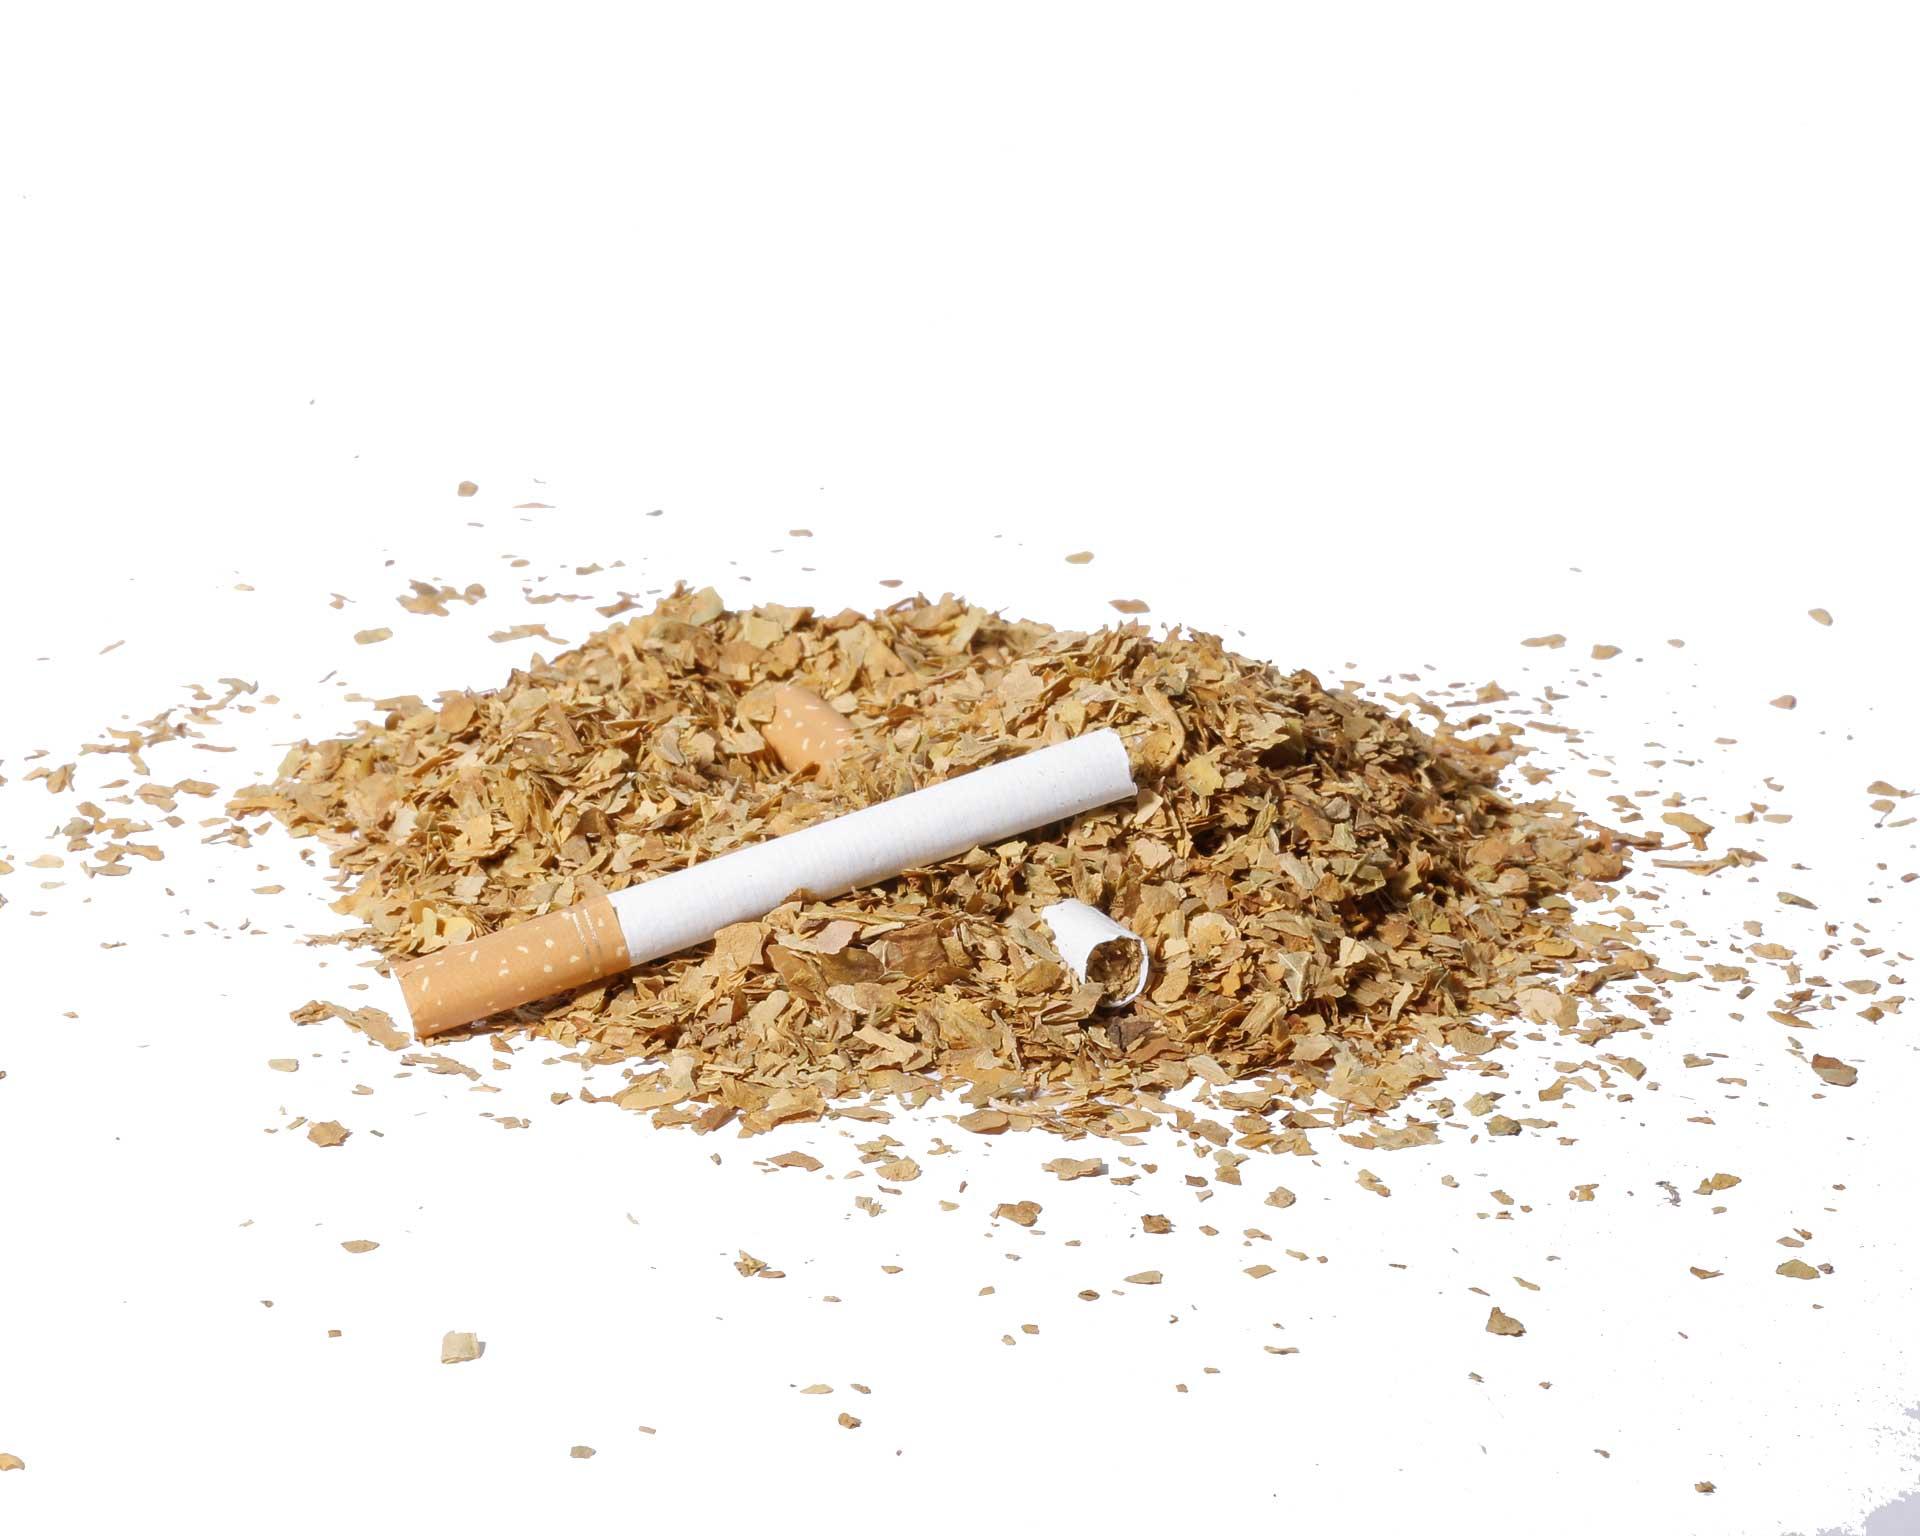 افزایش خامفروشی در توتون/ رشد 10 برابری صادرات توتون و کاهش چشمگیر صادرات سیگار